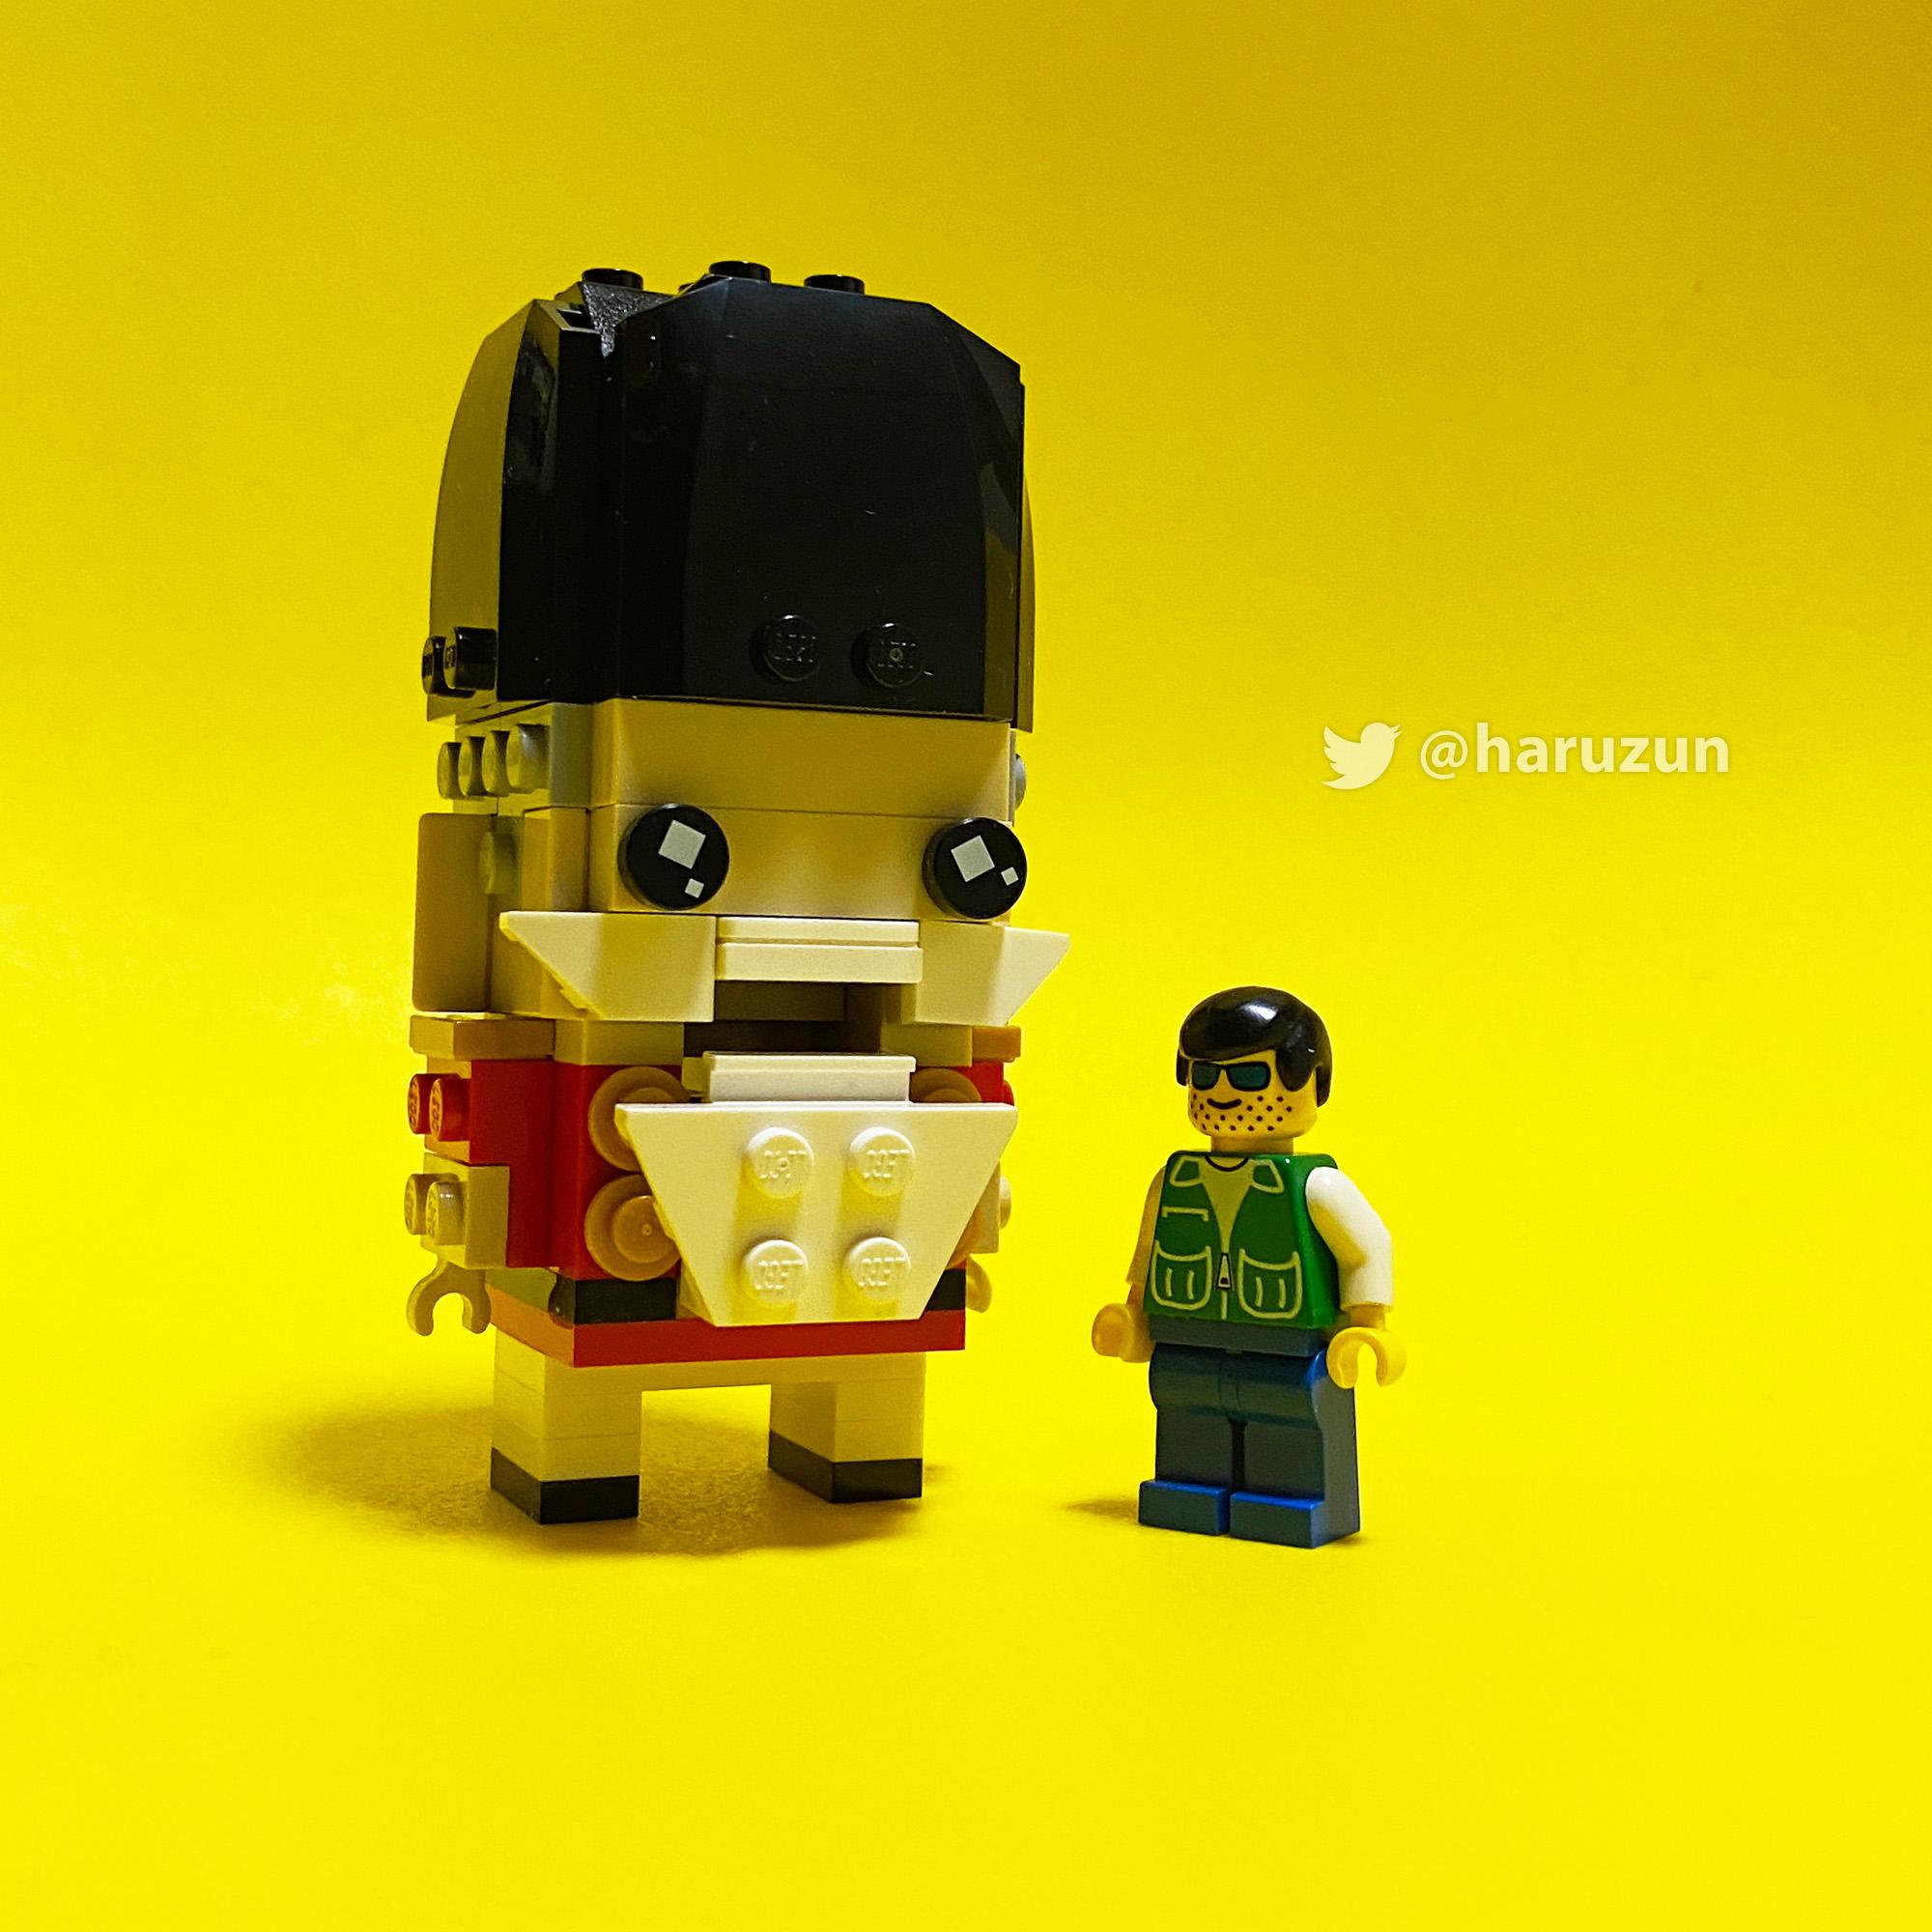 クリスマスレゴも人気!『くるみ割人形』愛を本気で語りたい!